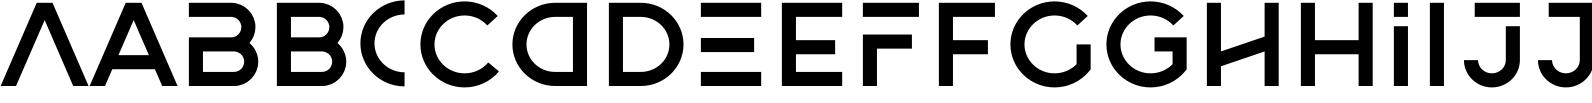 Autorich